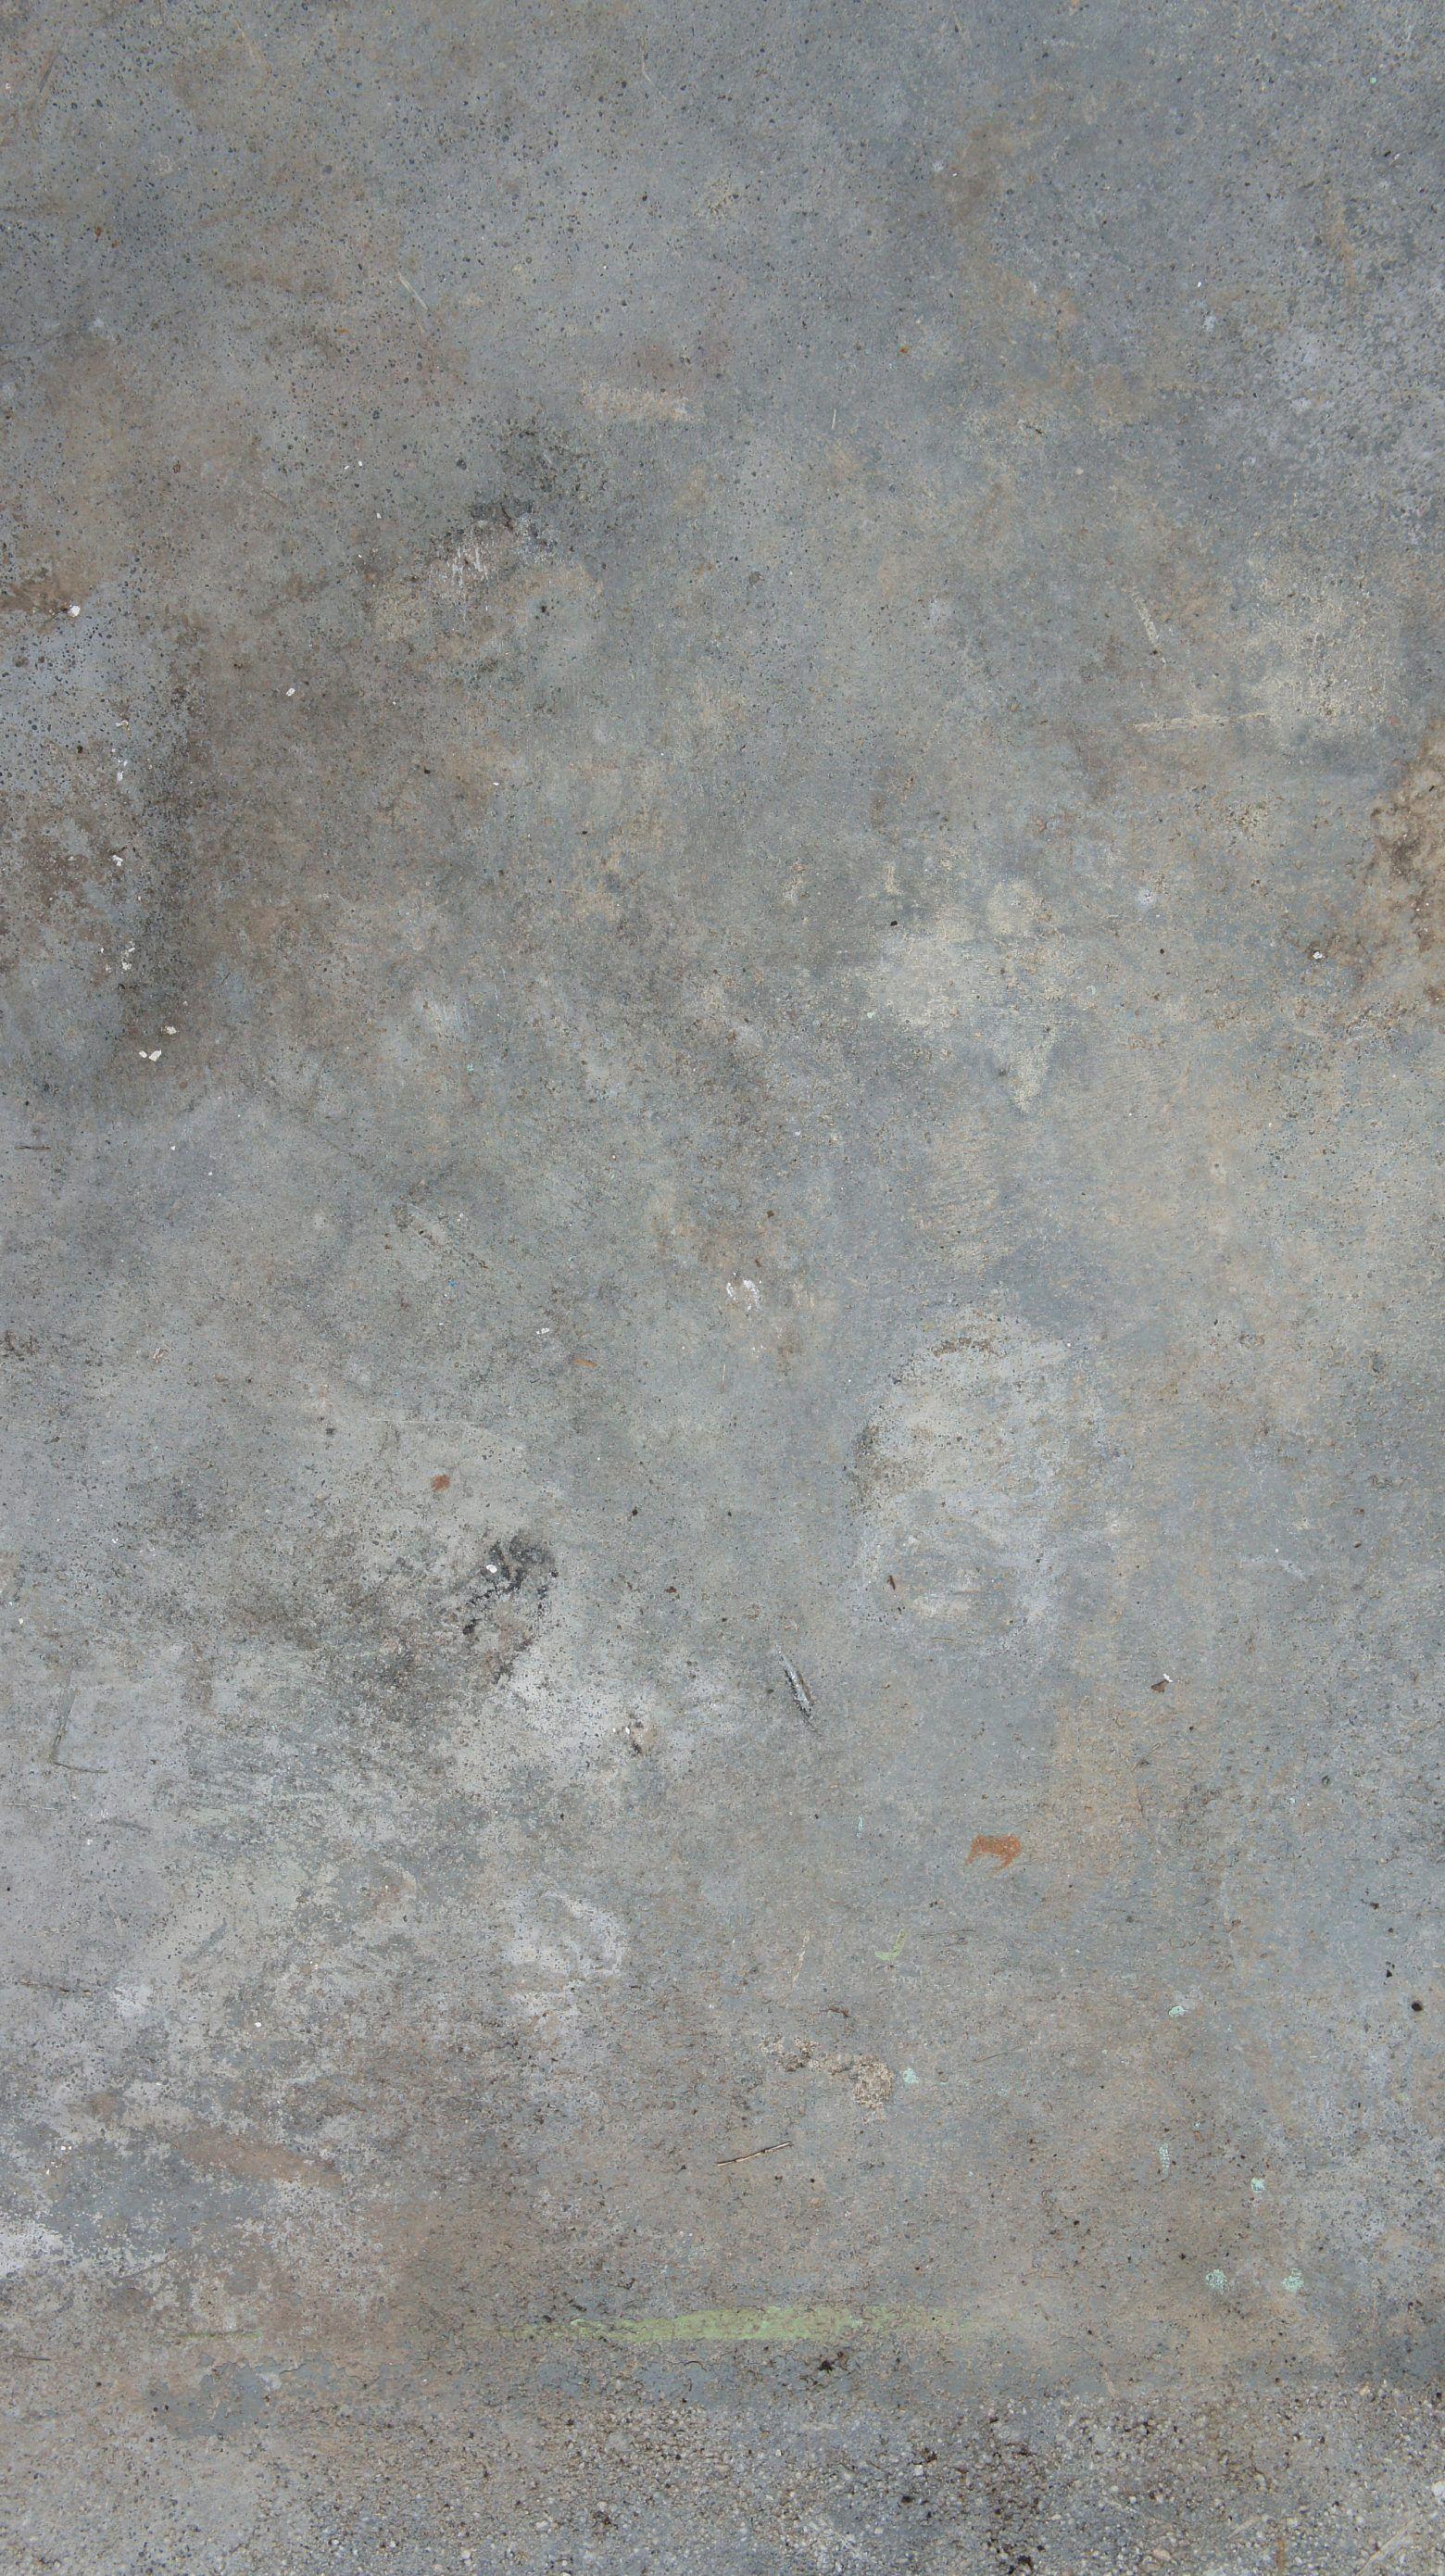 Floor Texture In 2020 Concrete Texture Floor Texture Concrete Wallpaper